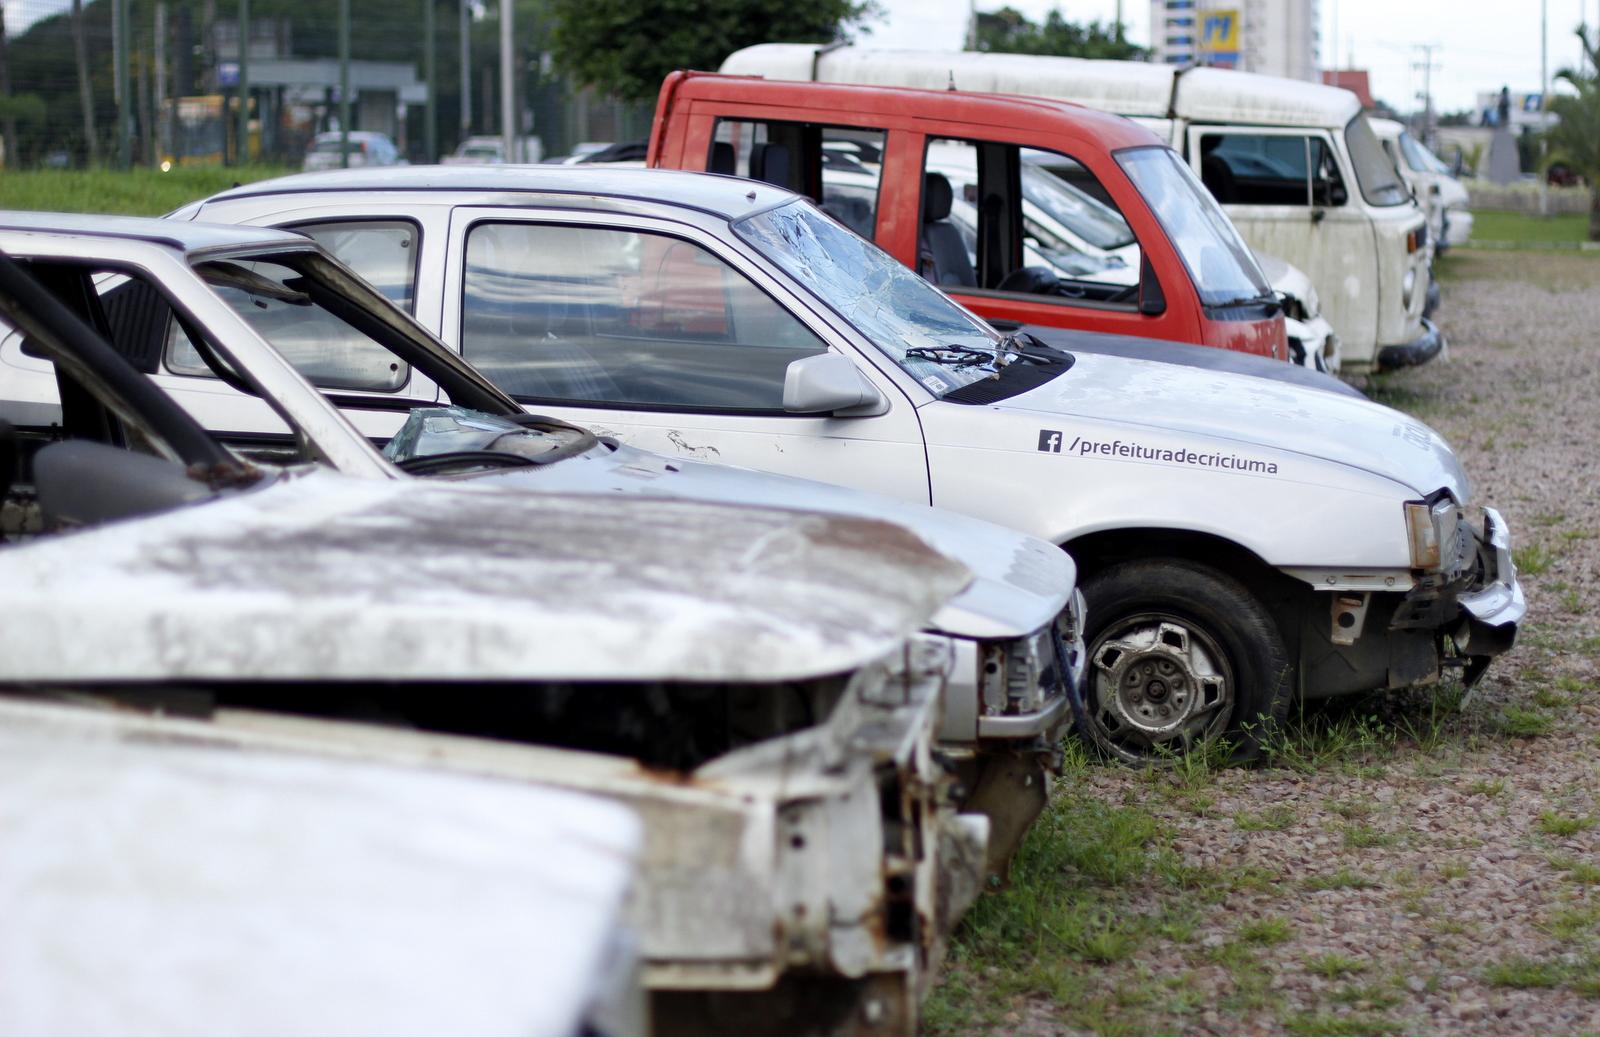 Leilão de automóveis da Prefeitura ocorre no dia 27 de abril